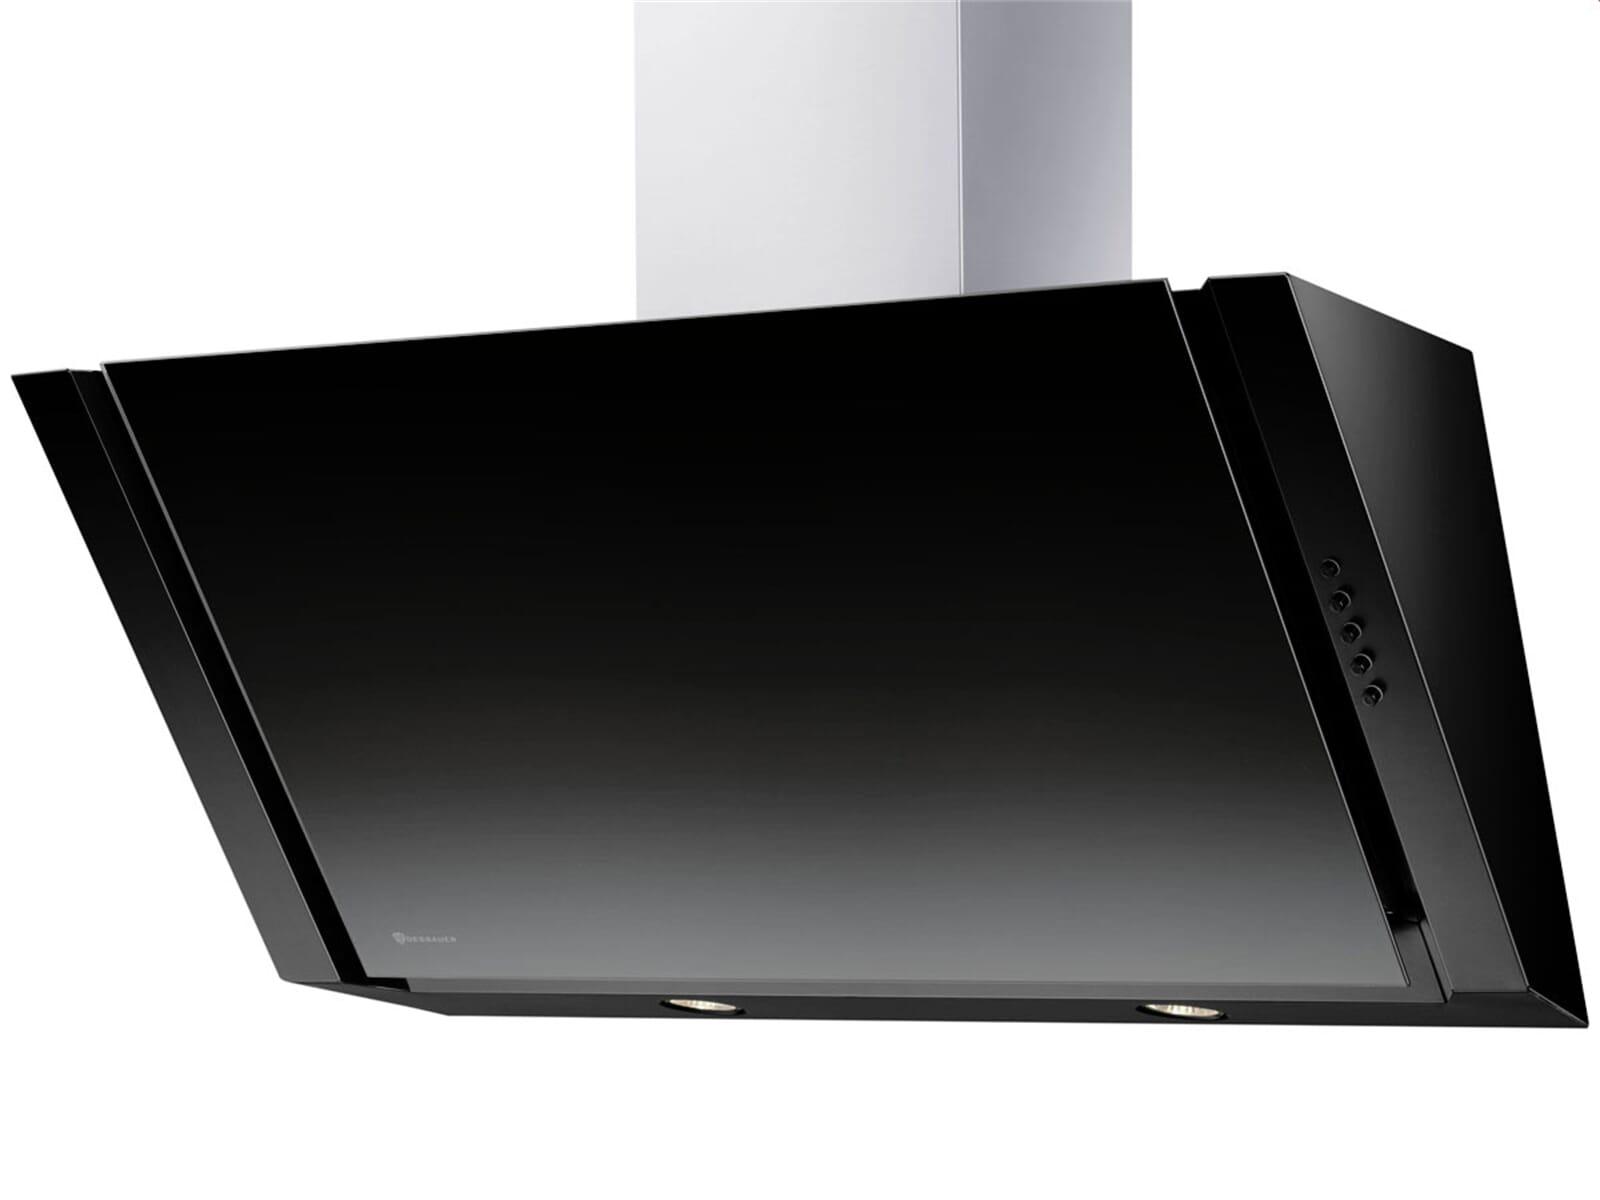 dessauer visio 90 s 9955 91 kopffreihaube edelstahl schwarz. Black Bedroom Furniture Sets. Home Design Ideas